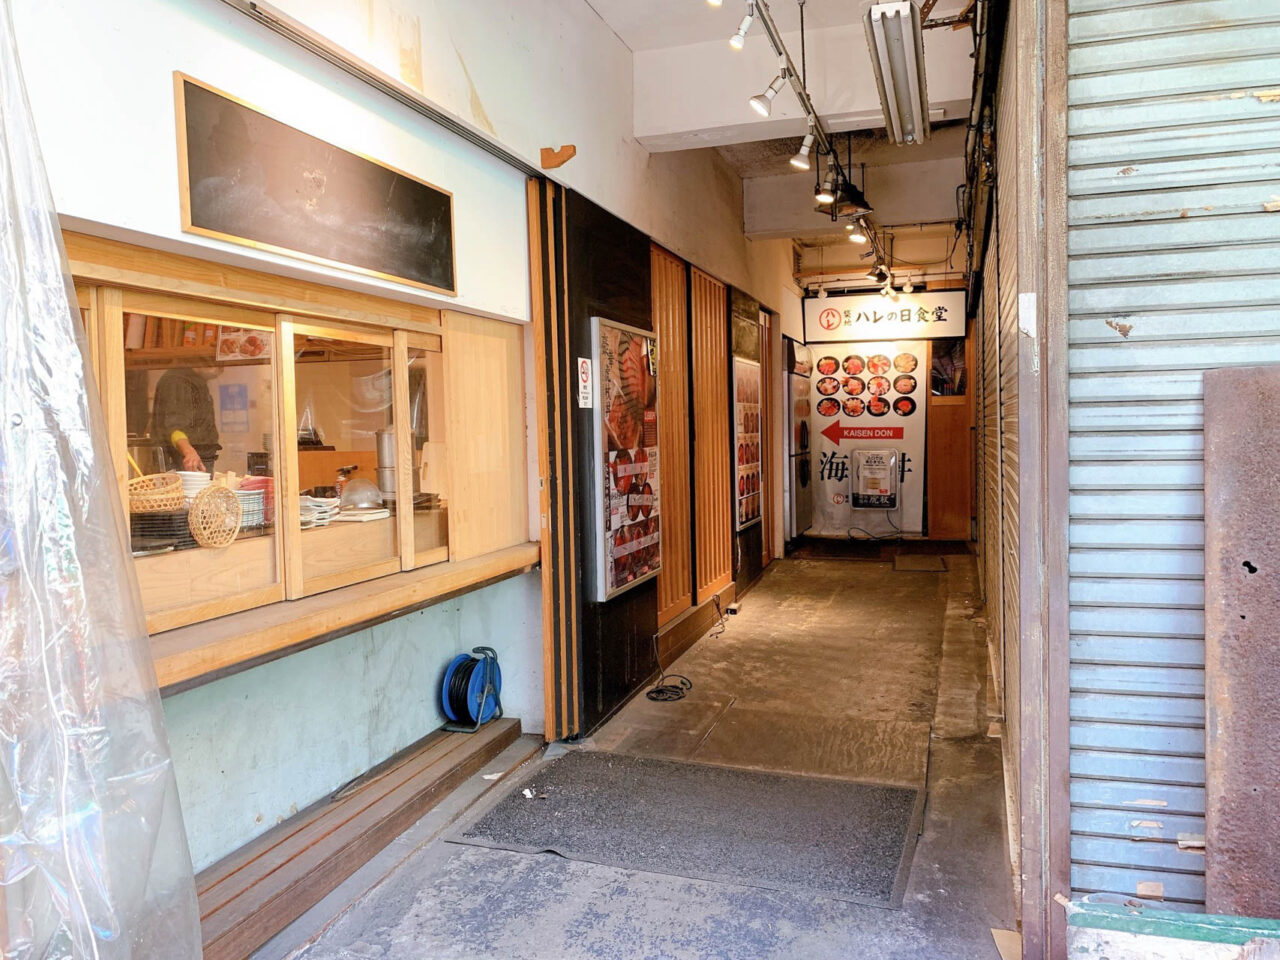 【築地】ハレの日食堂の雰囲気